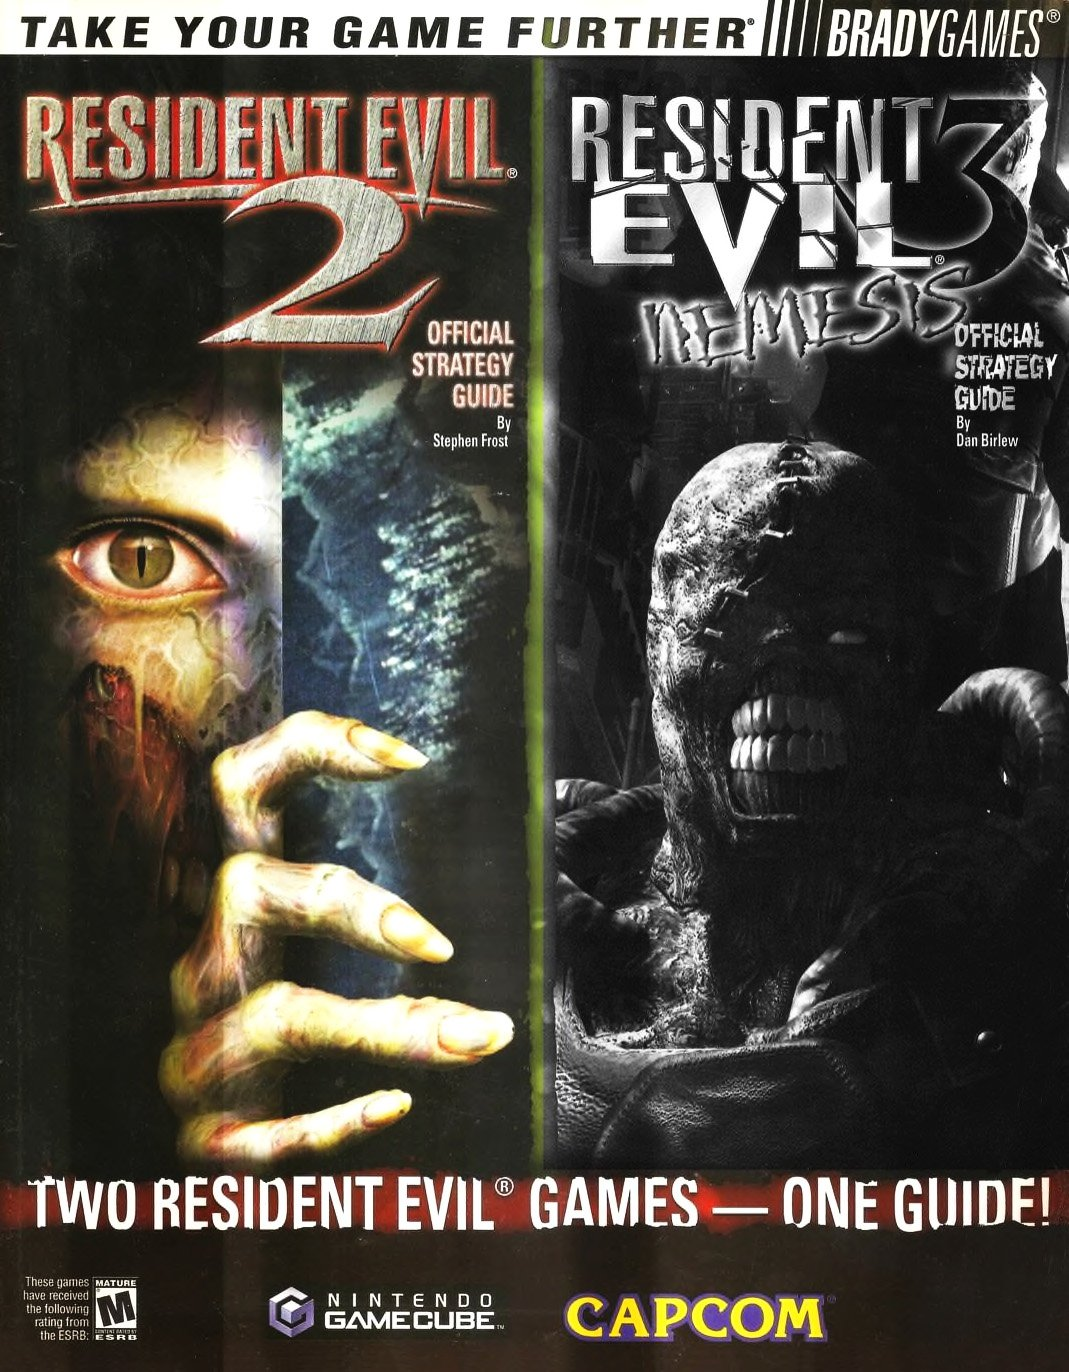 Resident Evil 2 & 3 Official Guide